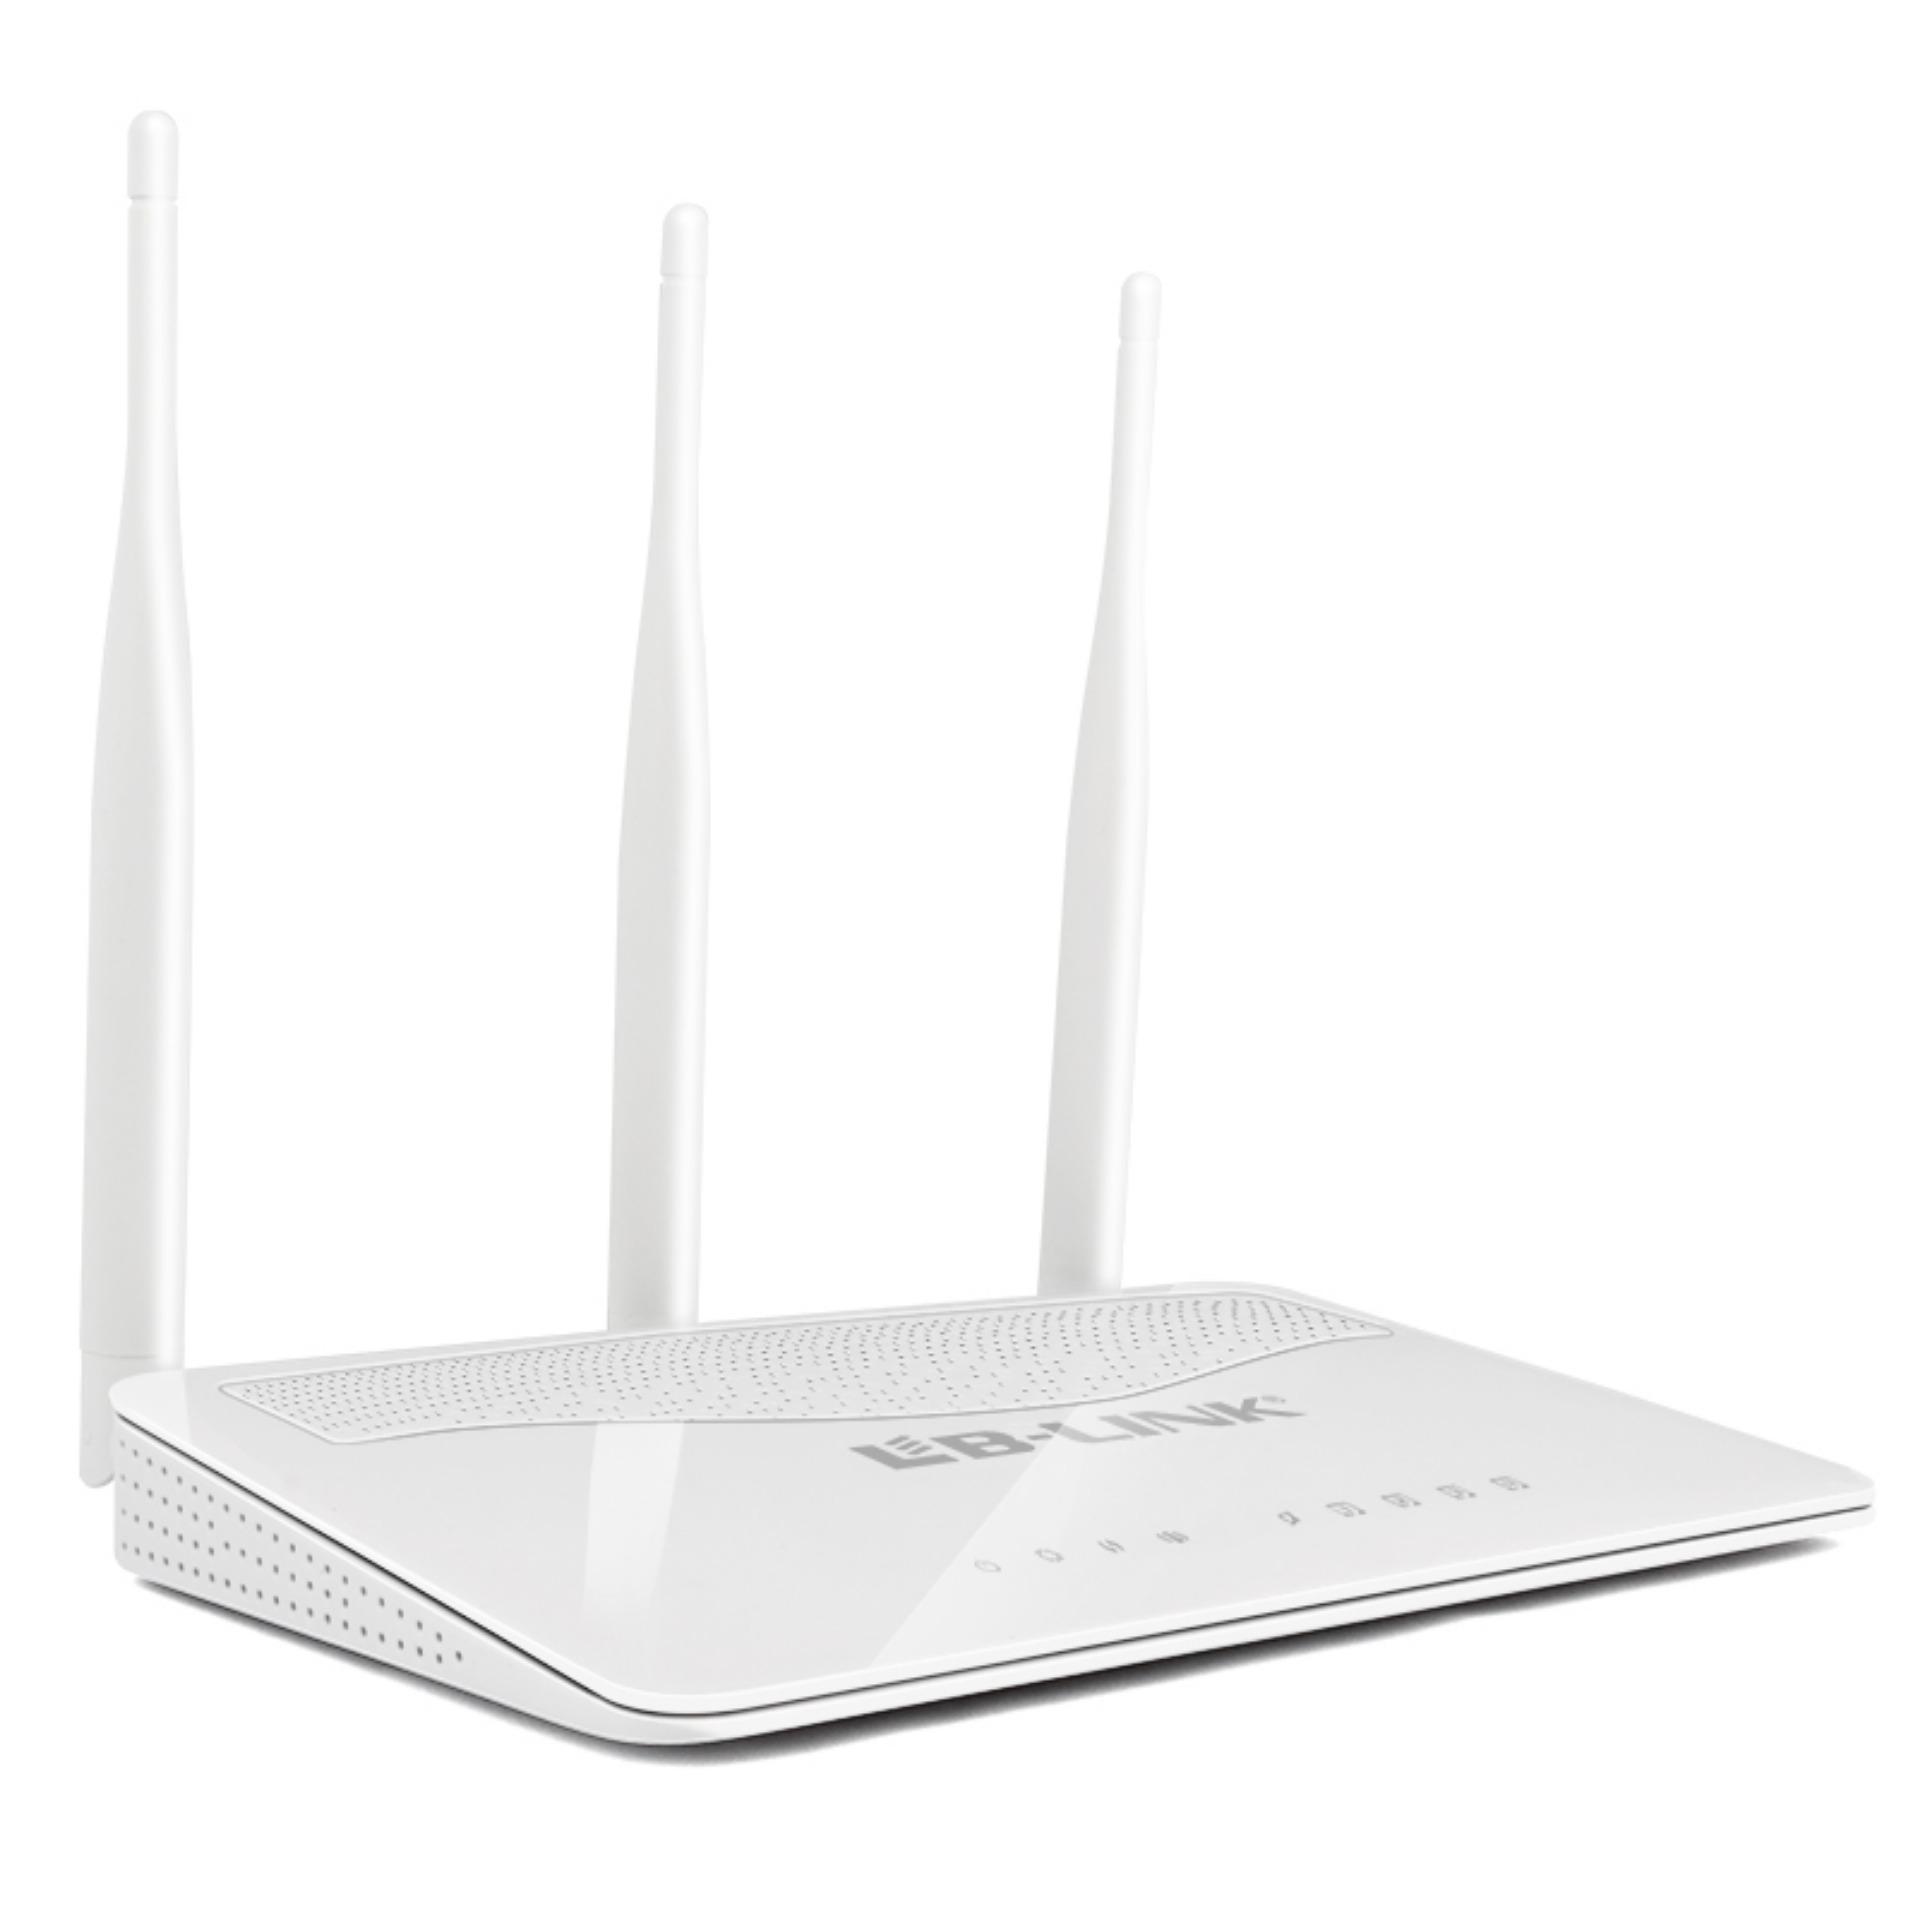 Mua Bộ Phát Kiêm Kích Sóng-Câu Sóng- Mở Rộng Phát Wifi LB-LINK WR3000A- 300Mb/S Chuẩn N 3 Dâu ở đâu tốt?